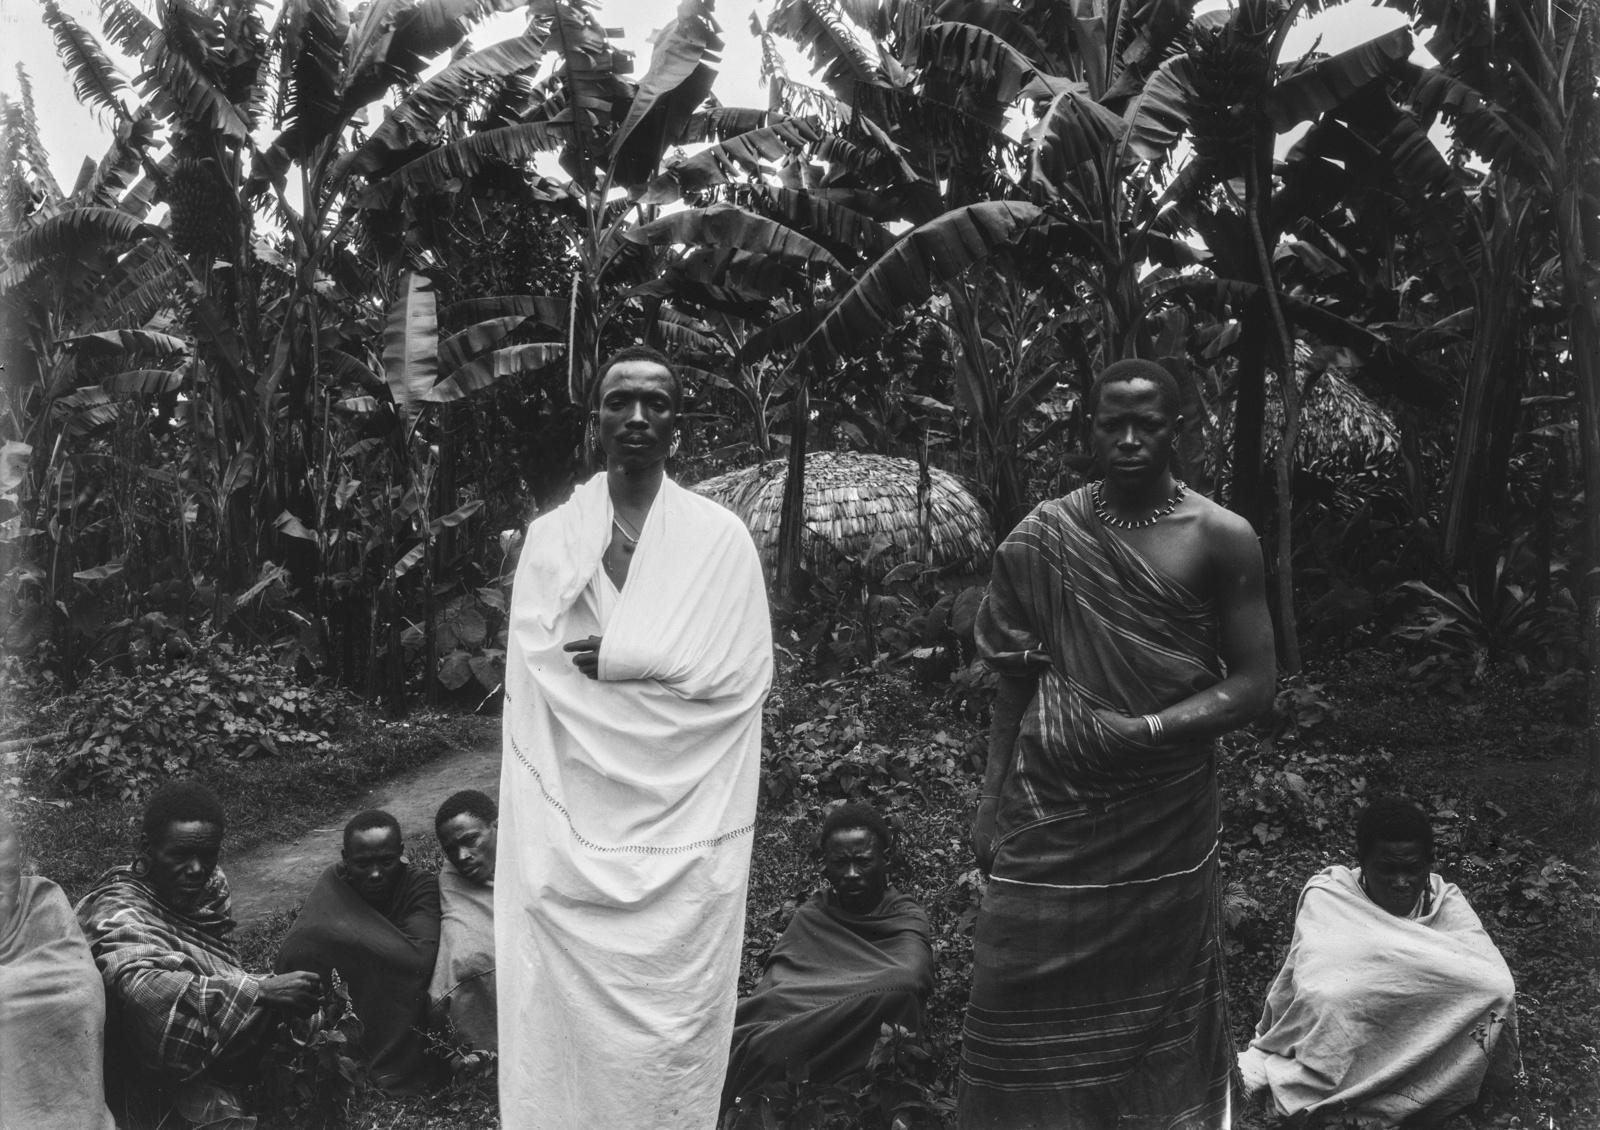 181. Групповой портрет нового (слева) и старого (правого) вождя чагга